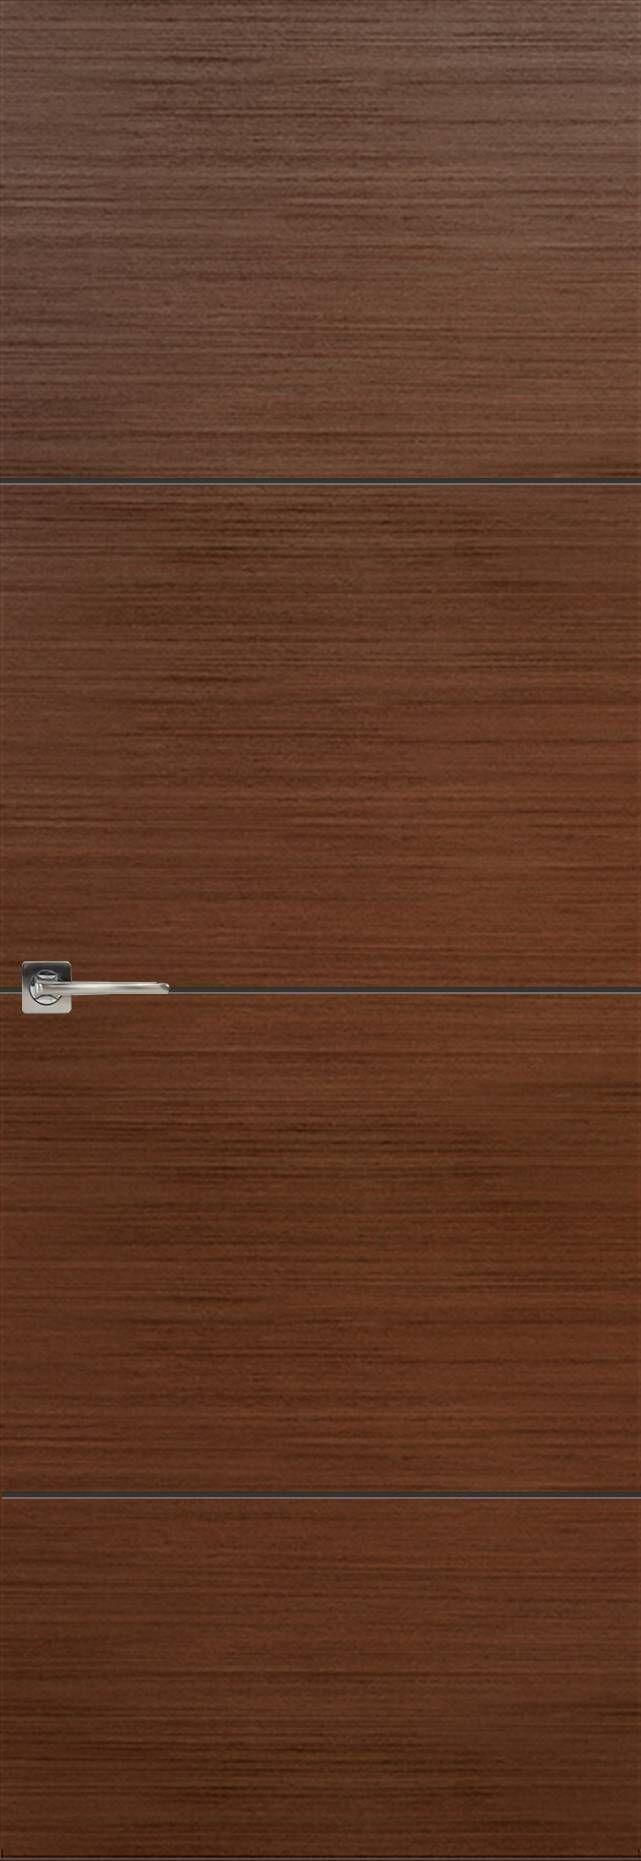 Tivoli Г-2 Невидимка цвет - Темный орех Без стекла (ДГ)